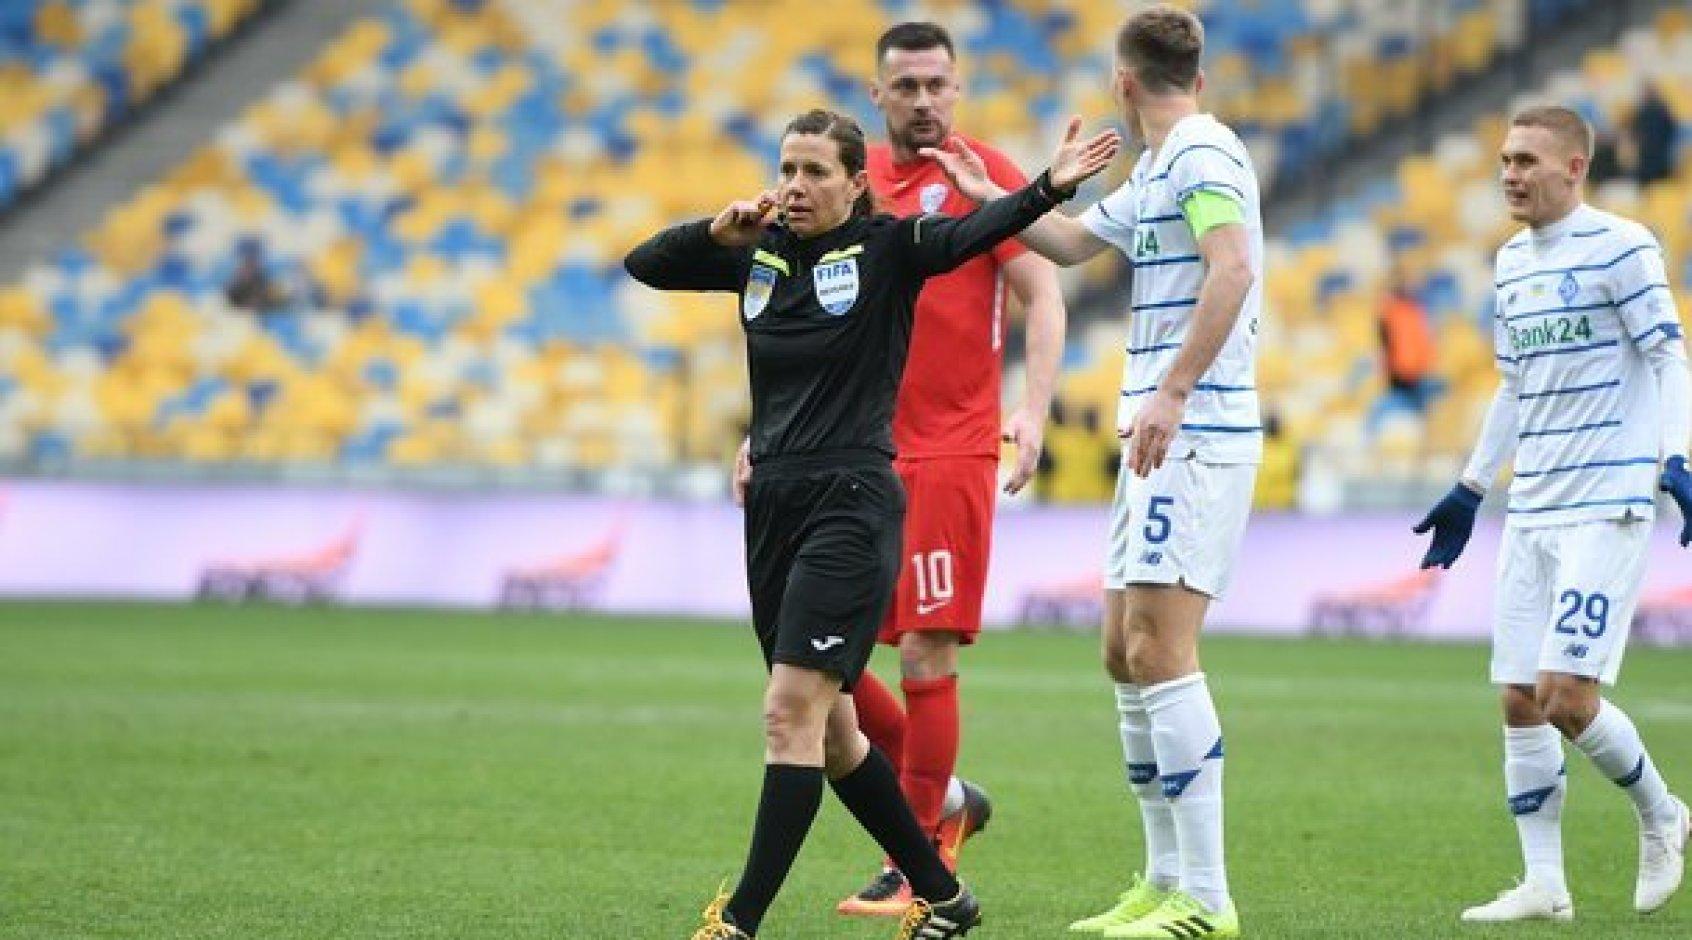 """Анатолий Чанцев: """"После первого же игрового дня 17-го тура было ощущение, будто что-то украли"""""""